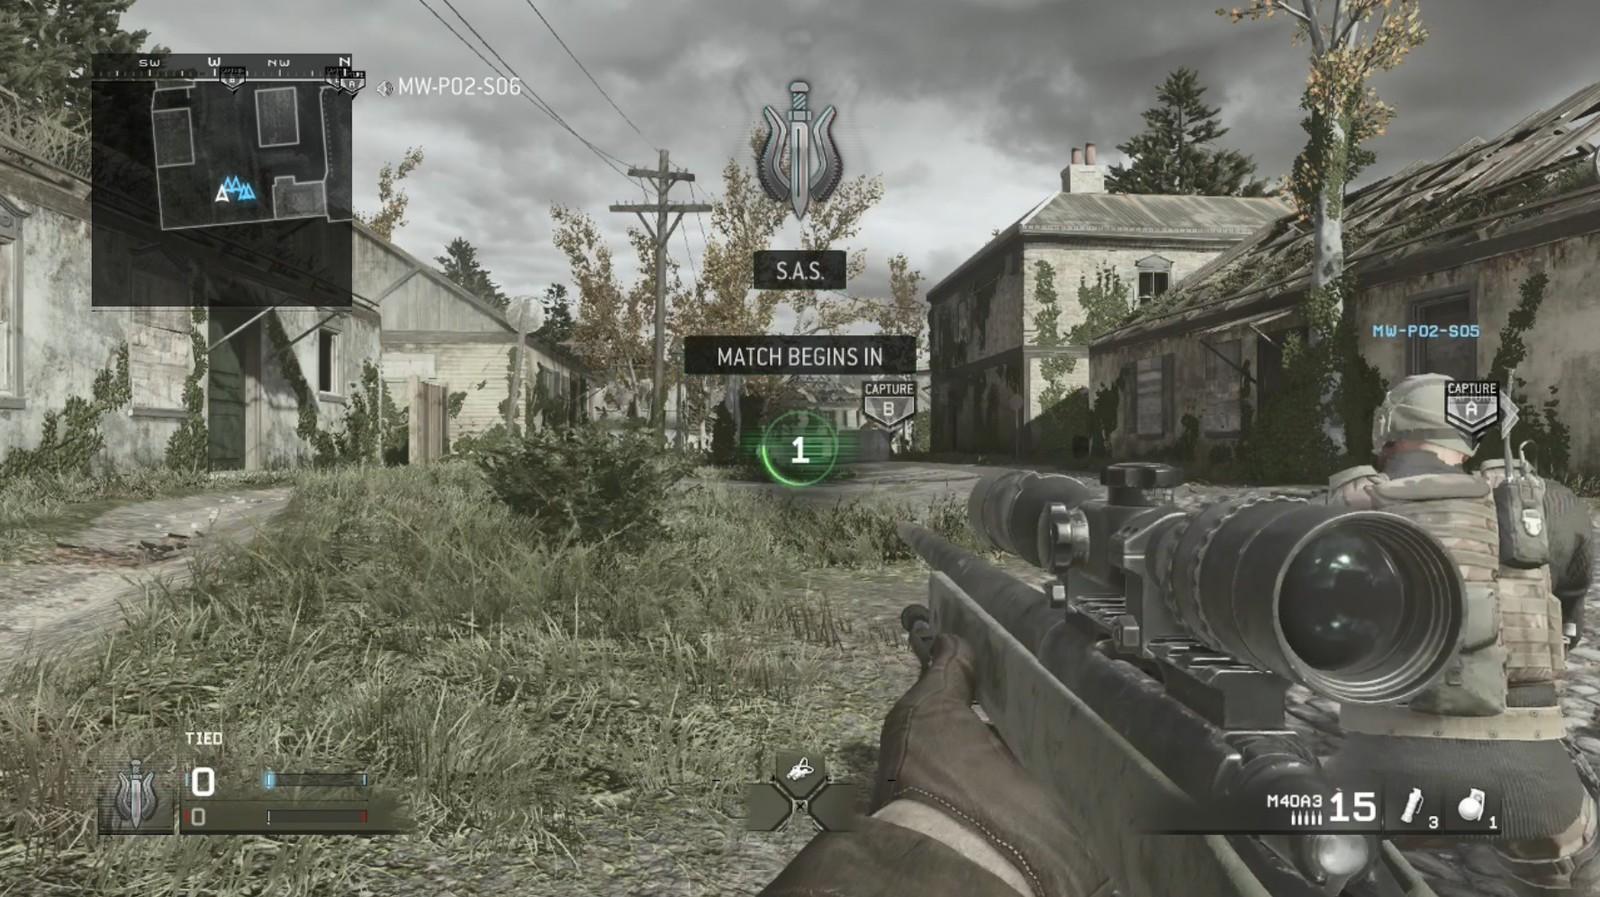 Tải ngay Call of Duty: Modern Warfare Remastered đang miễn phí trên PS4